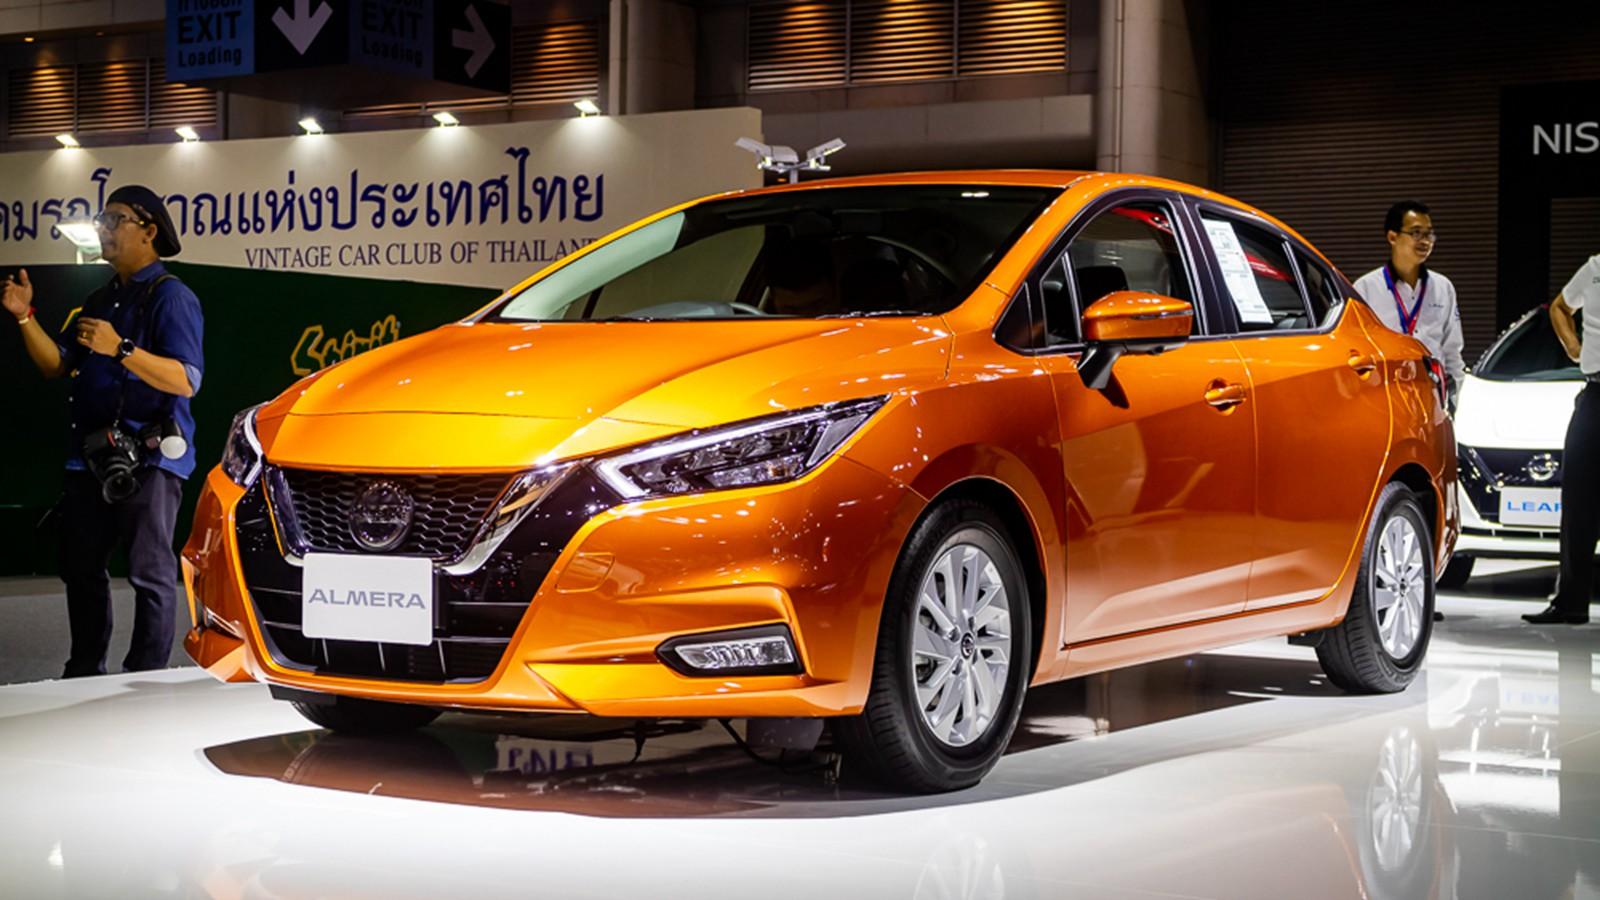 Compare Nissan Almera Vs Perodua Bezza Which Car Should You Buy Wapcar My